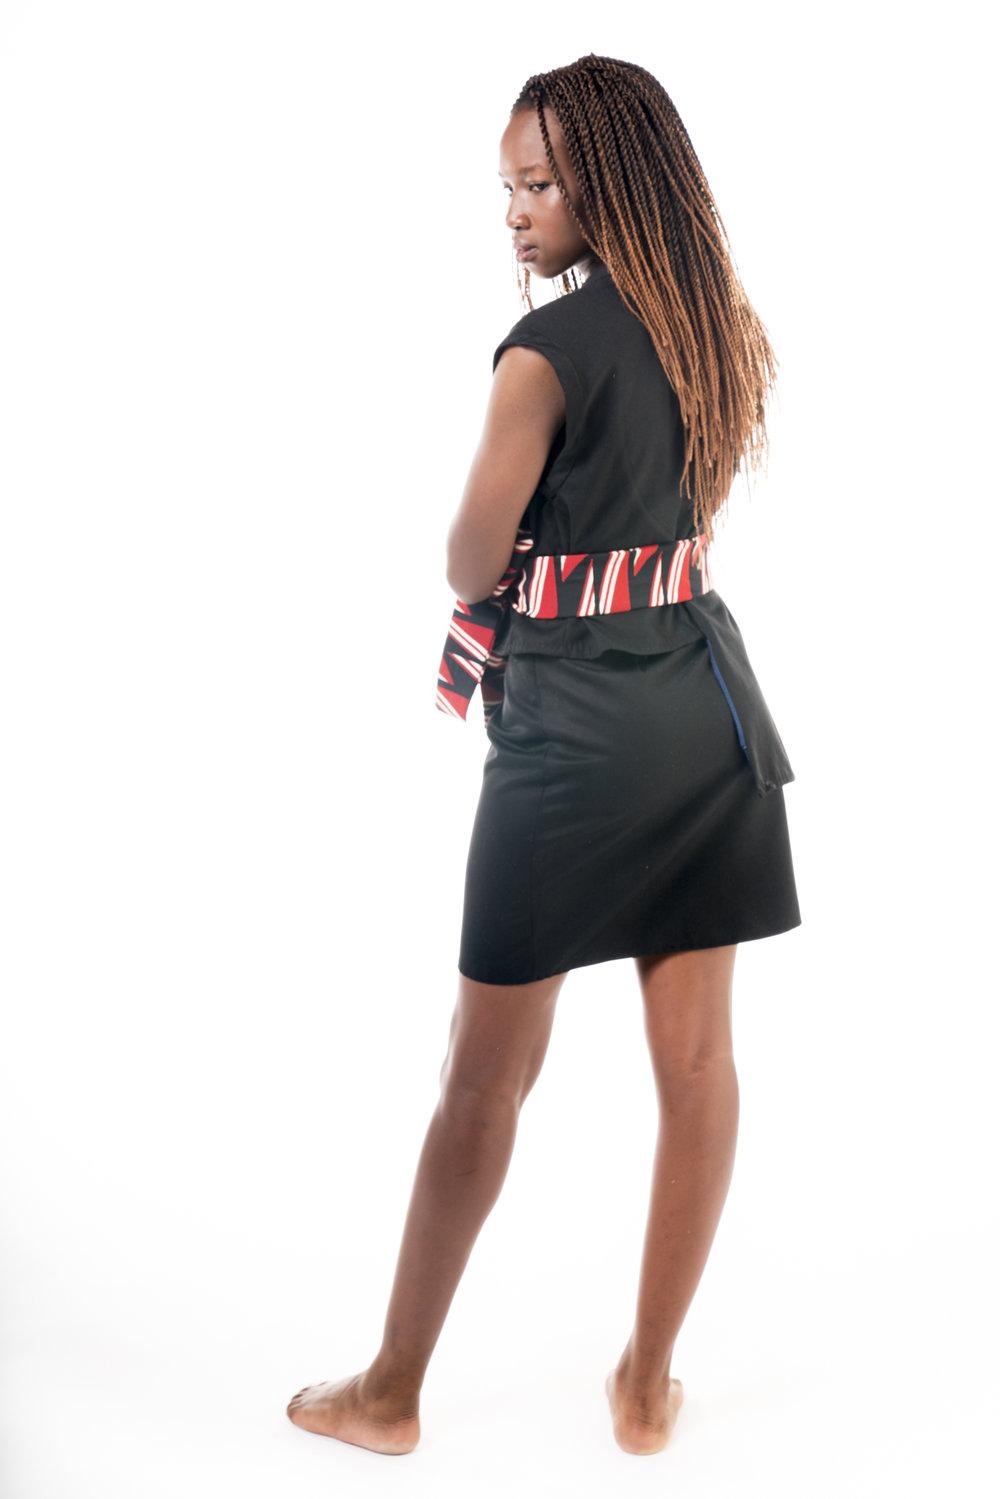 Dubay_Fashion_MinaSmithHodzik_WEB (23 of 89).jpg